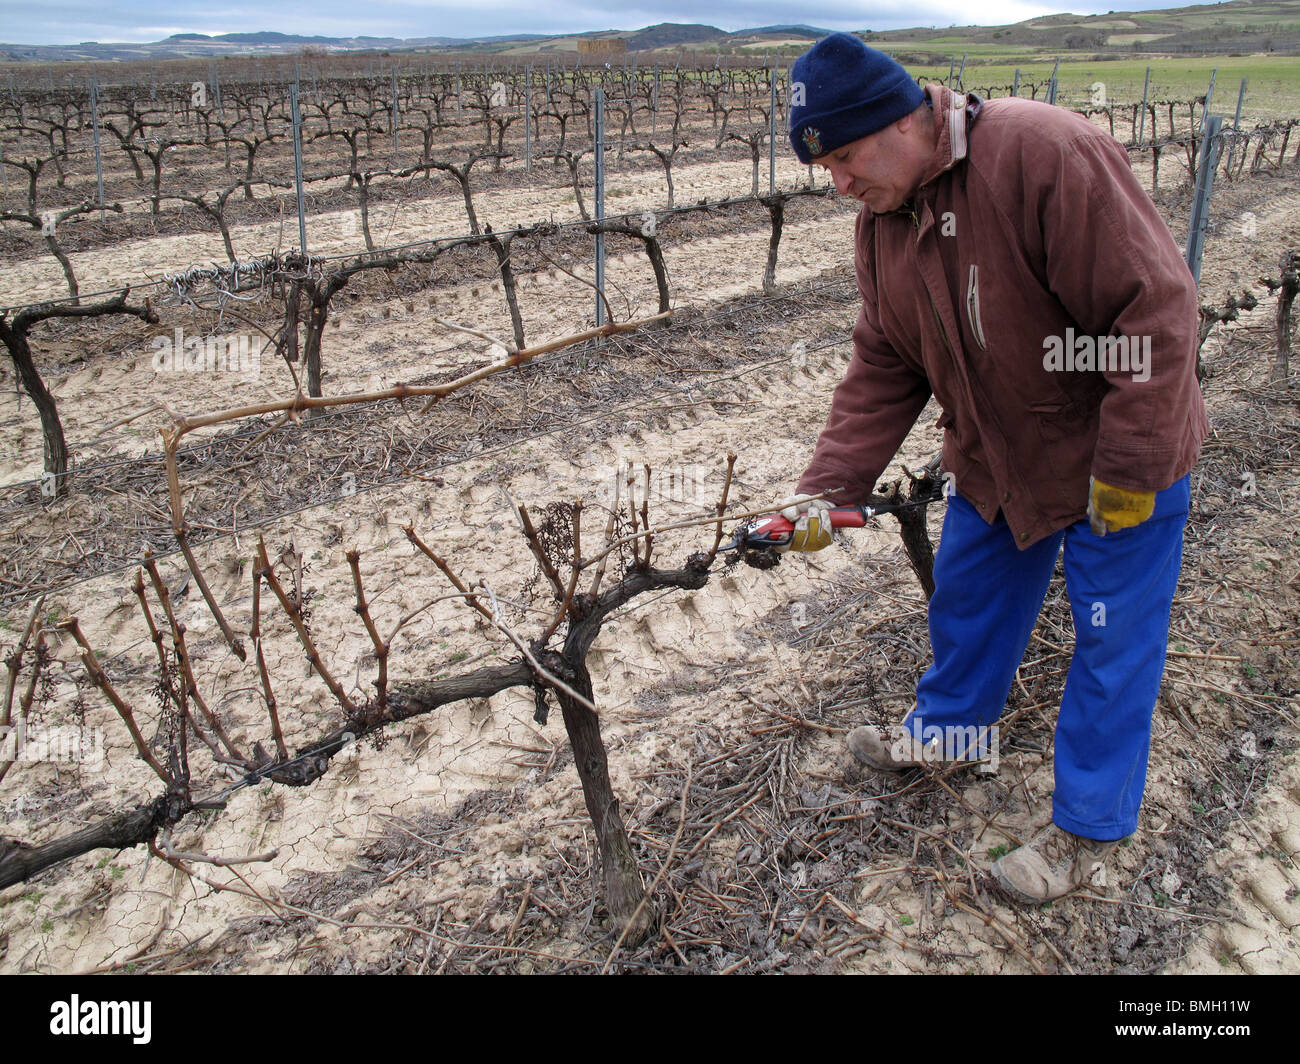 Vineyards in Navarre. Spain. WAY OF ST JAMES. vineyard winter dry wintertime - Stock Image